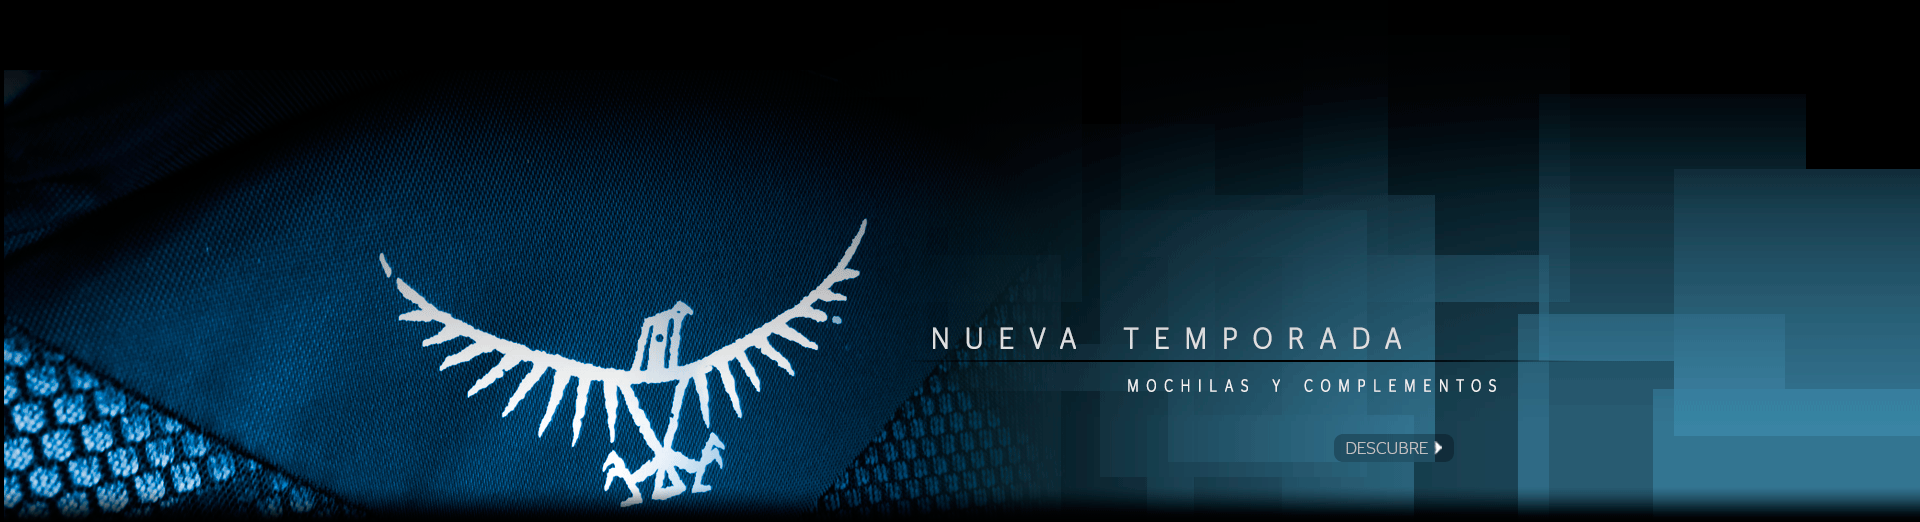 NUEVA TEMPORADA OSPREY MOCHILAS